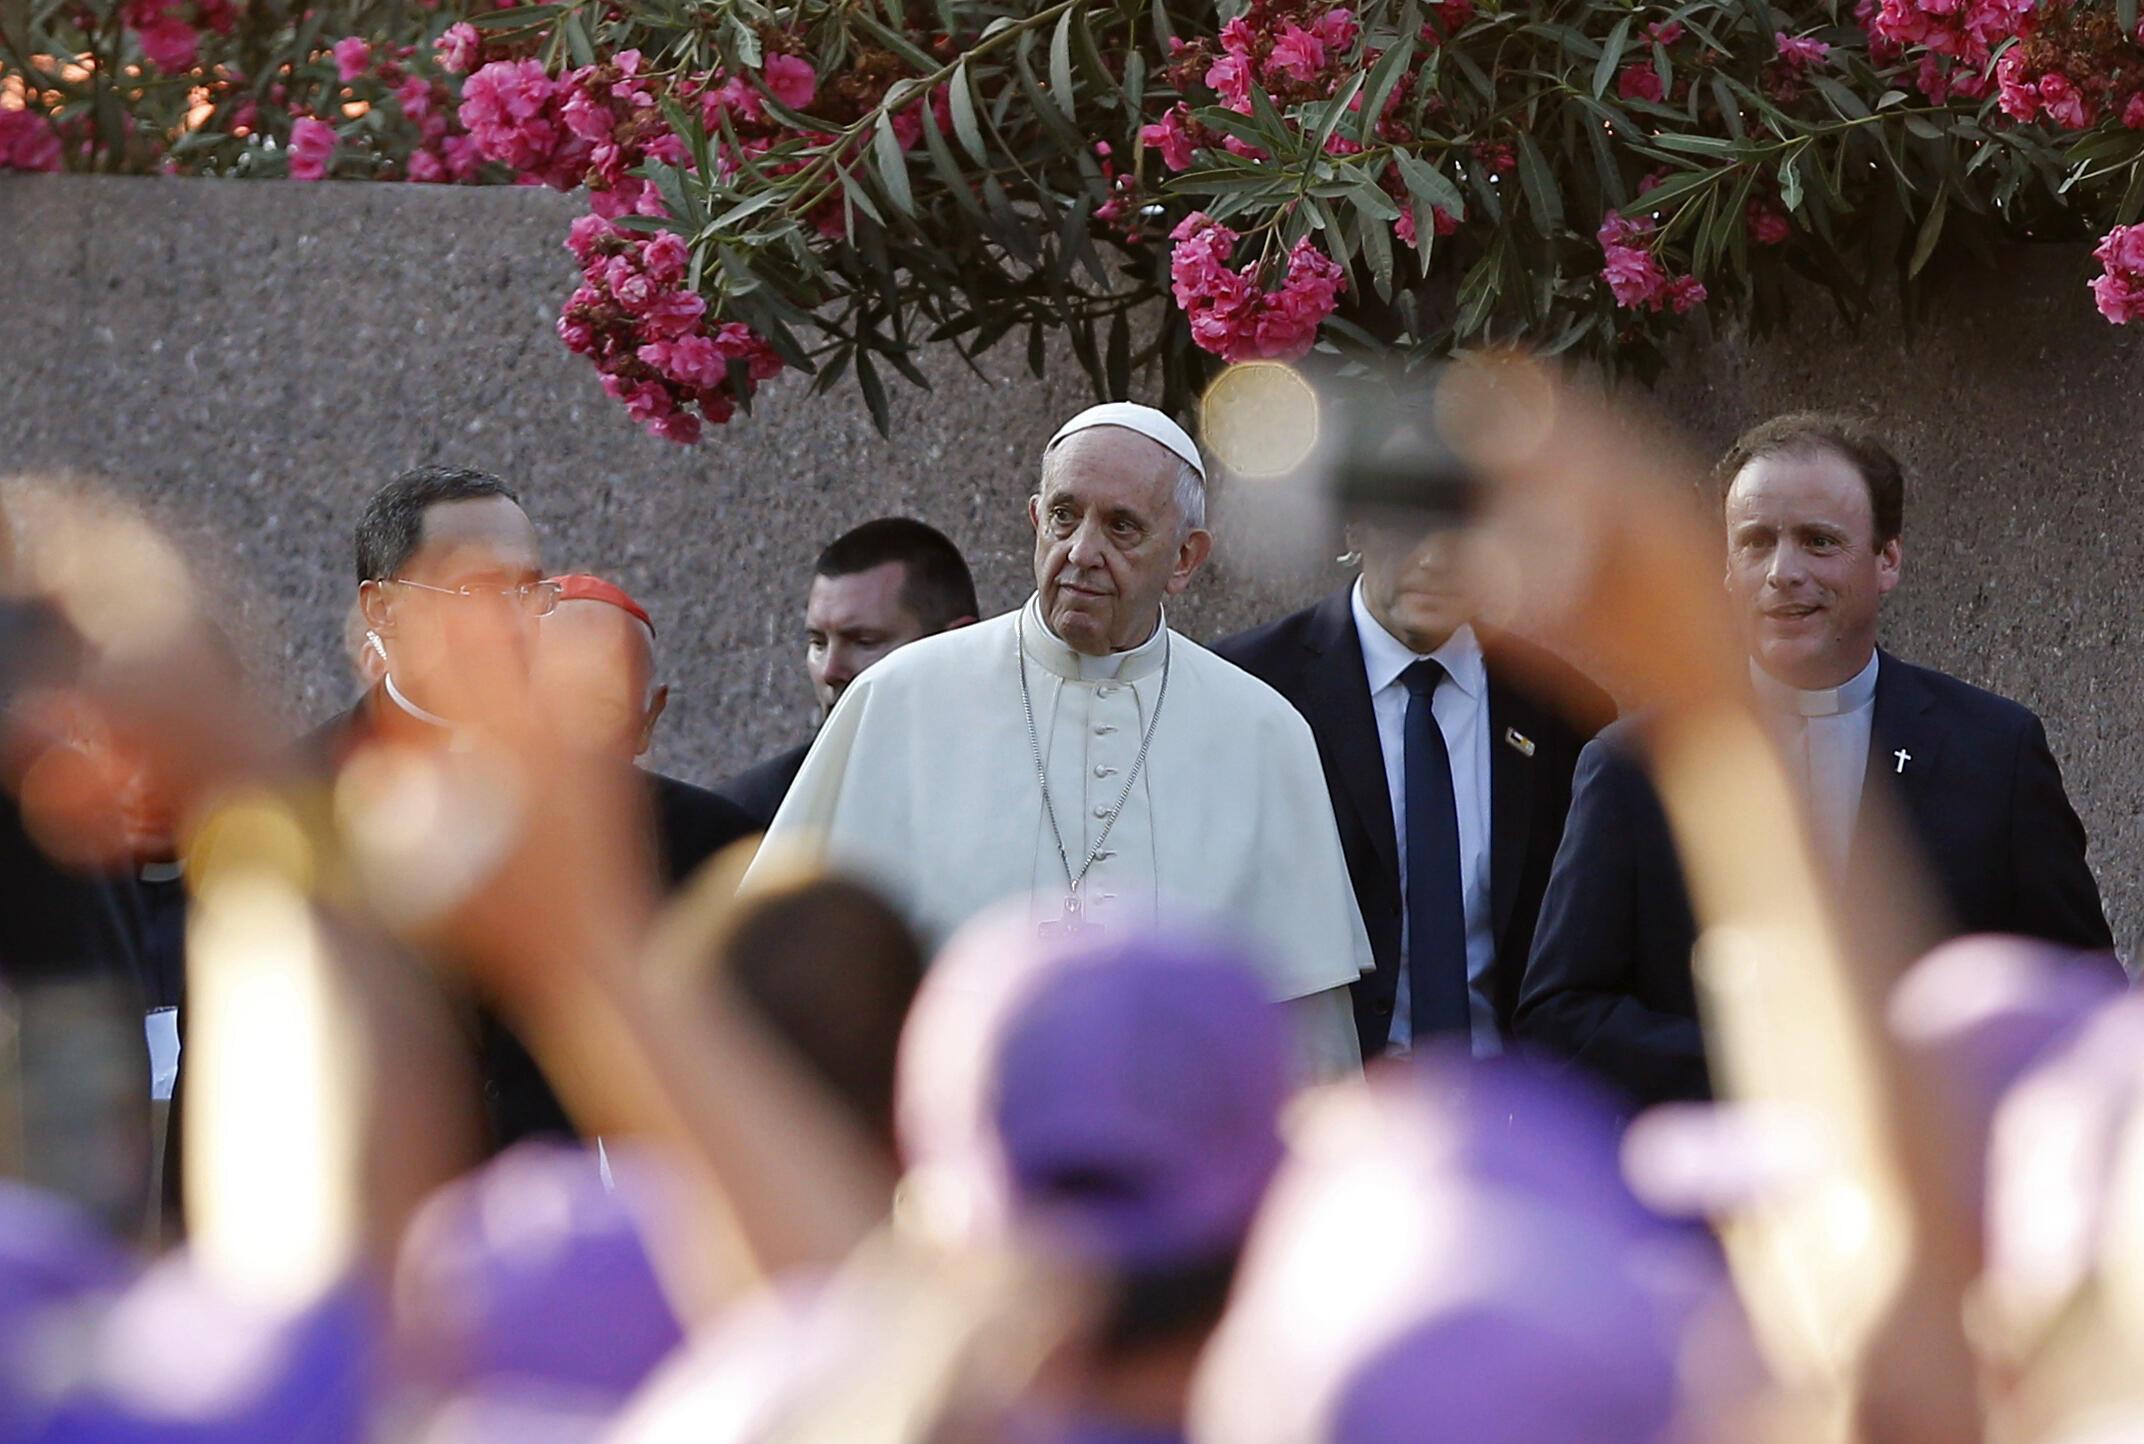 البابا فرنسيس في زيارة لقبر الأب هورتادو في العاصمة التشيلية سنتياغو